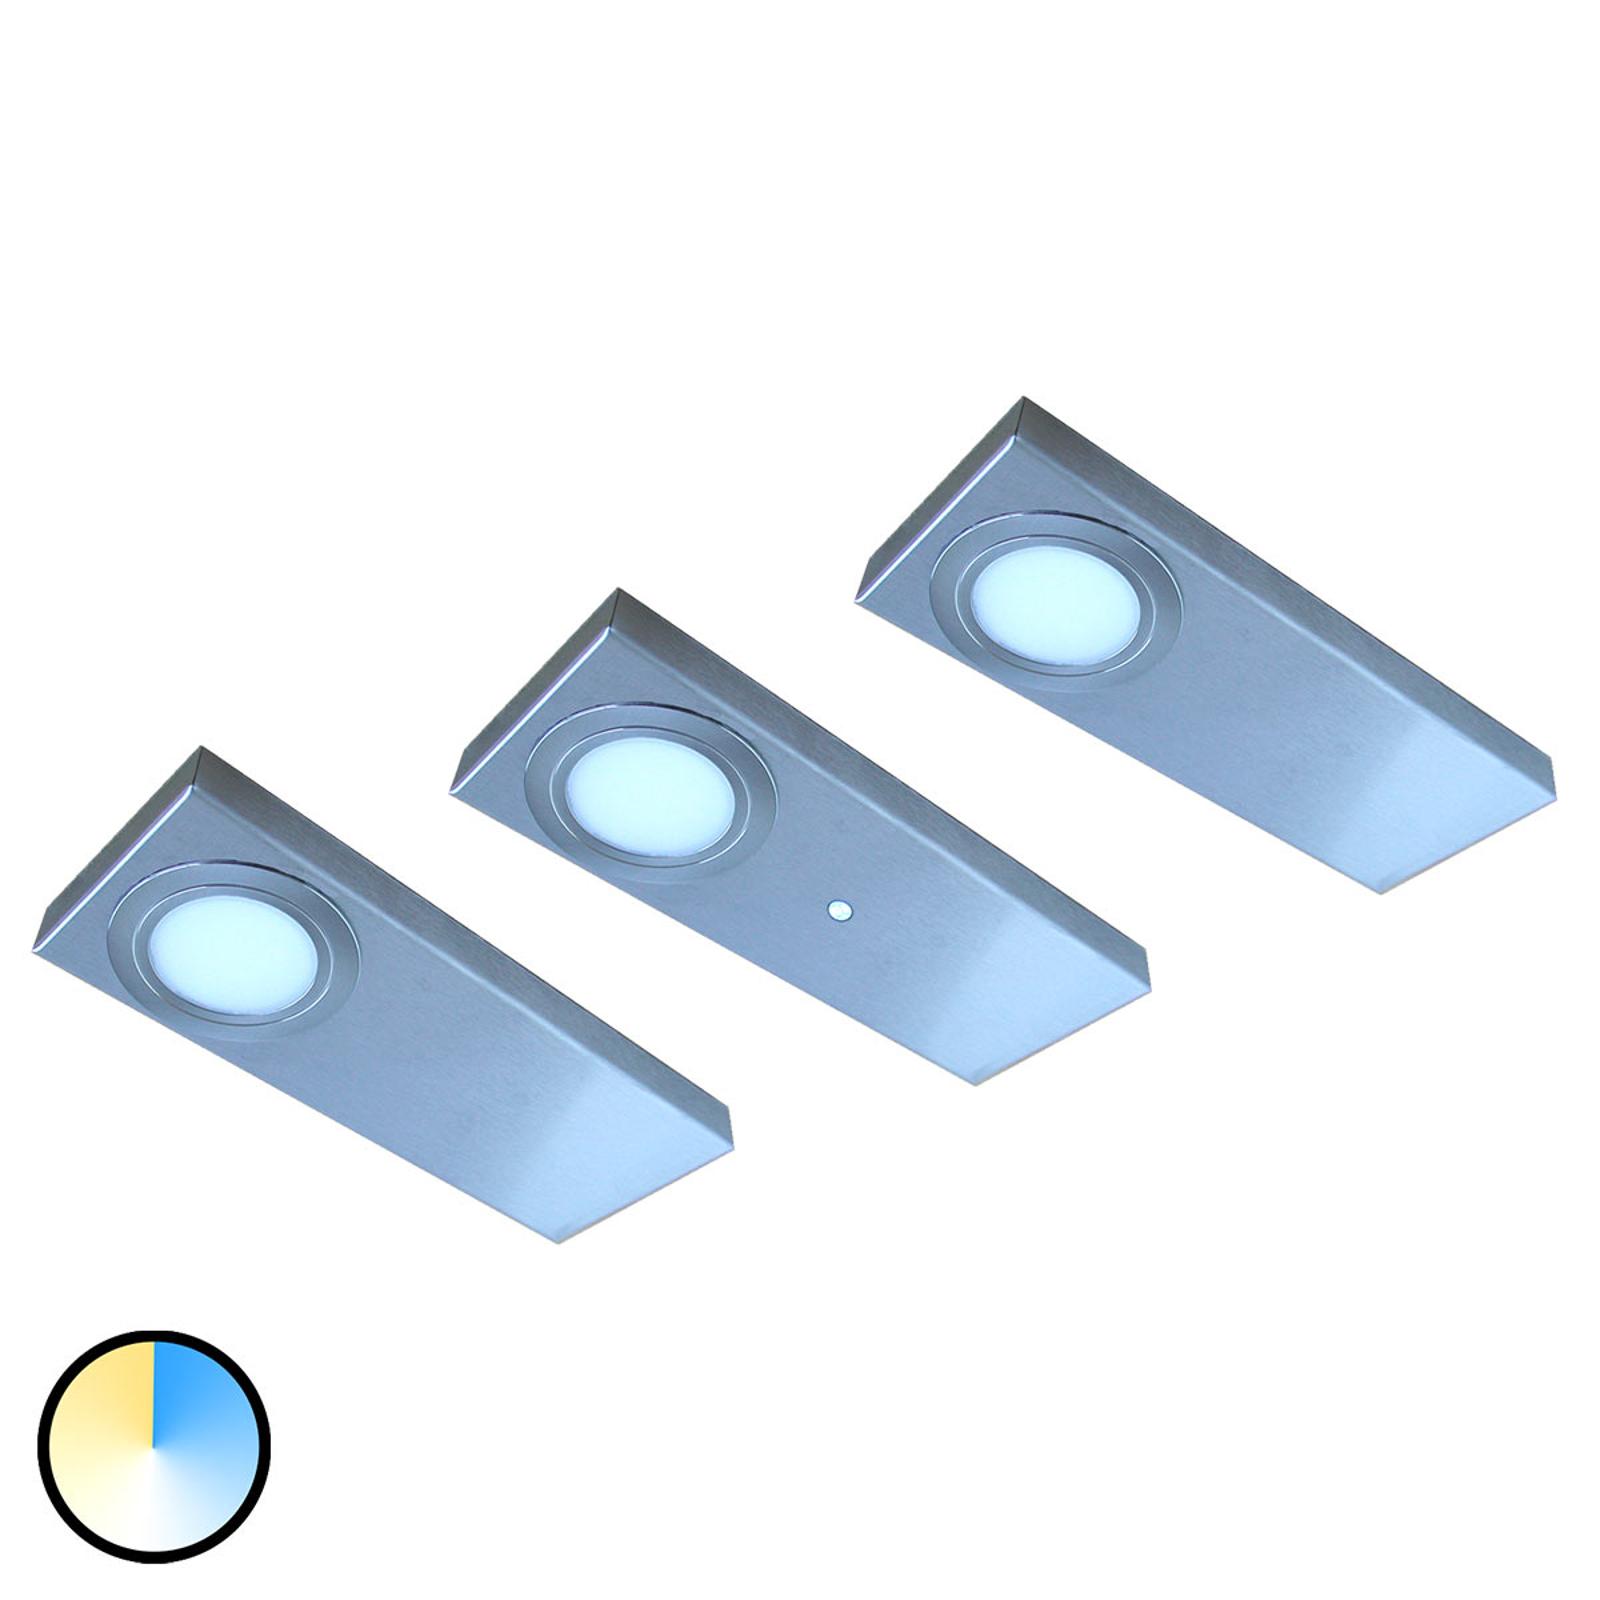 Acquista 3 lampade LED per mobili Tain con gioco di colori